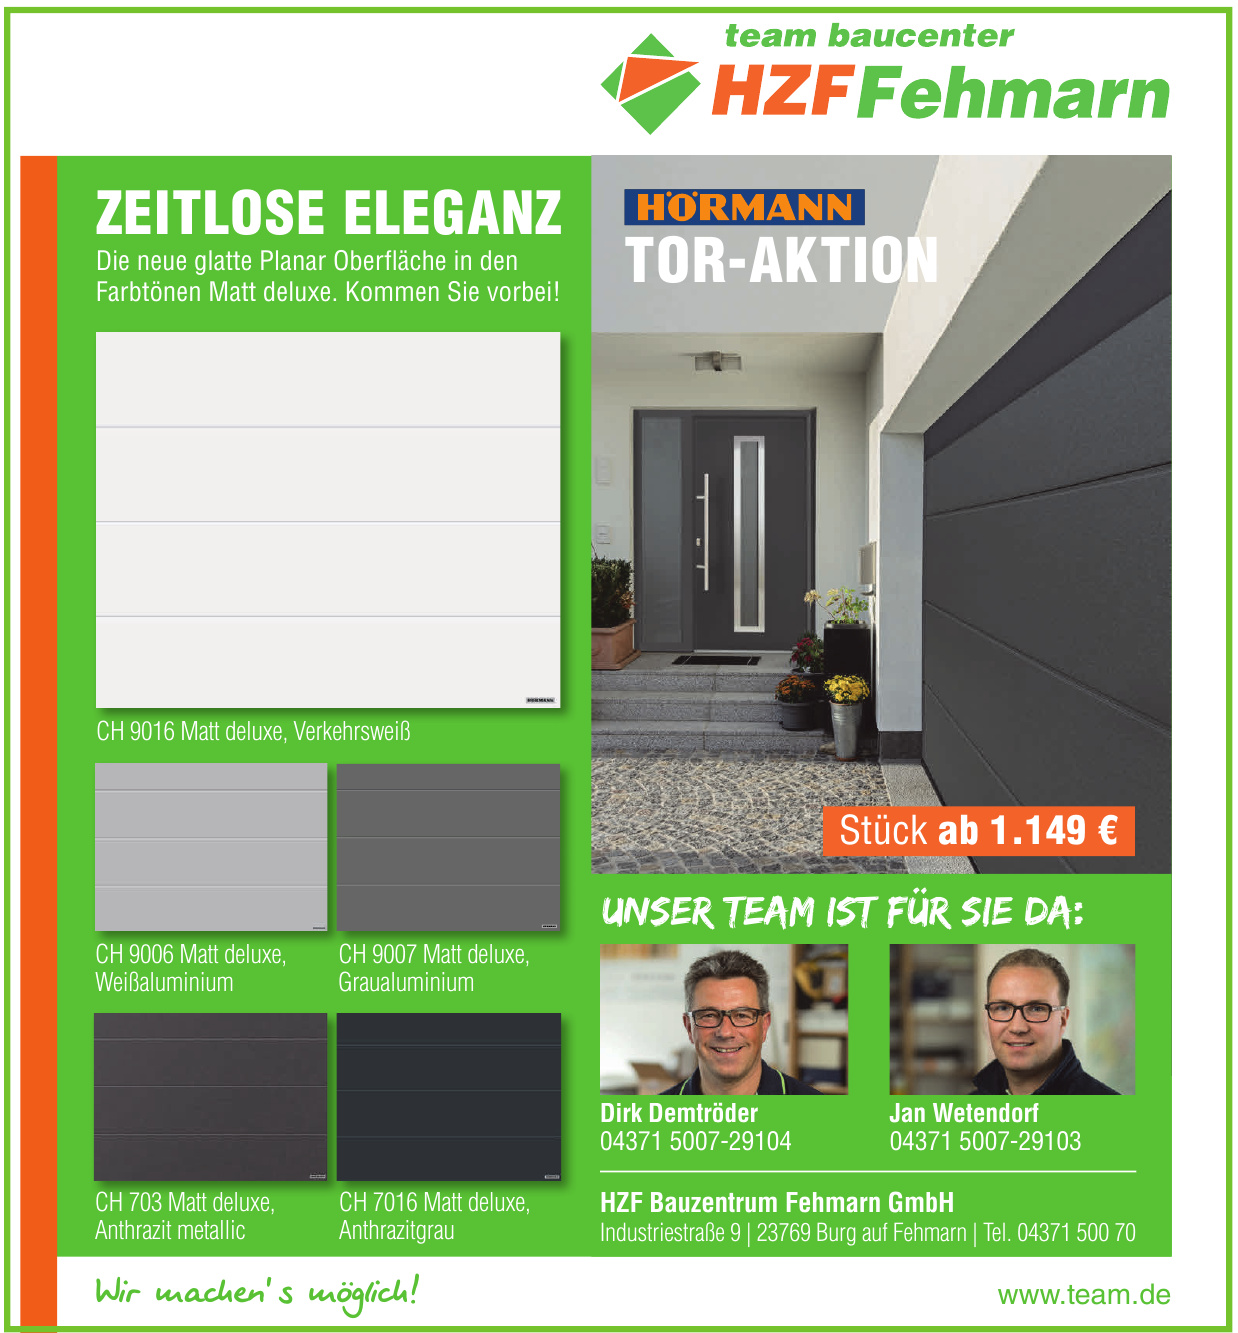 HZF Bauzentrum Fehmarn GmbH